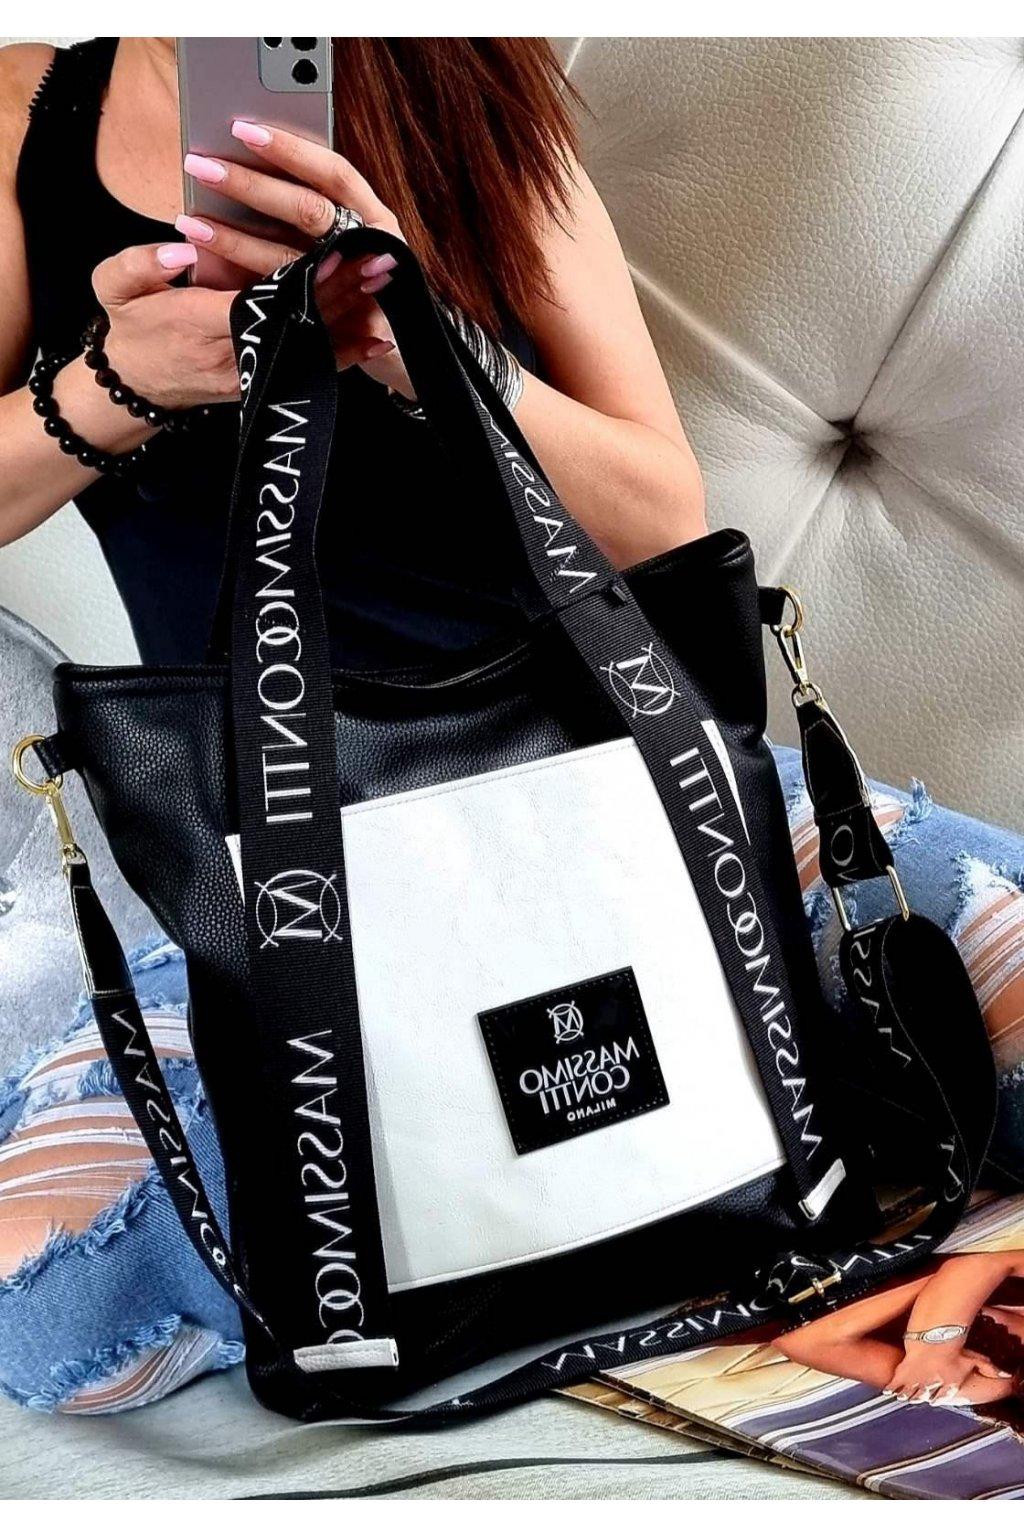 Massimo contti značková kabelka luxusní černobílá top design